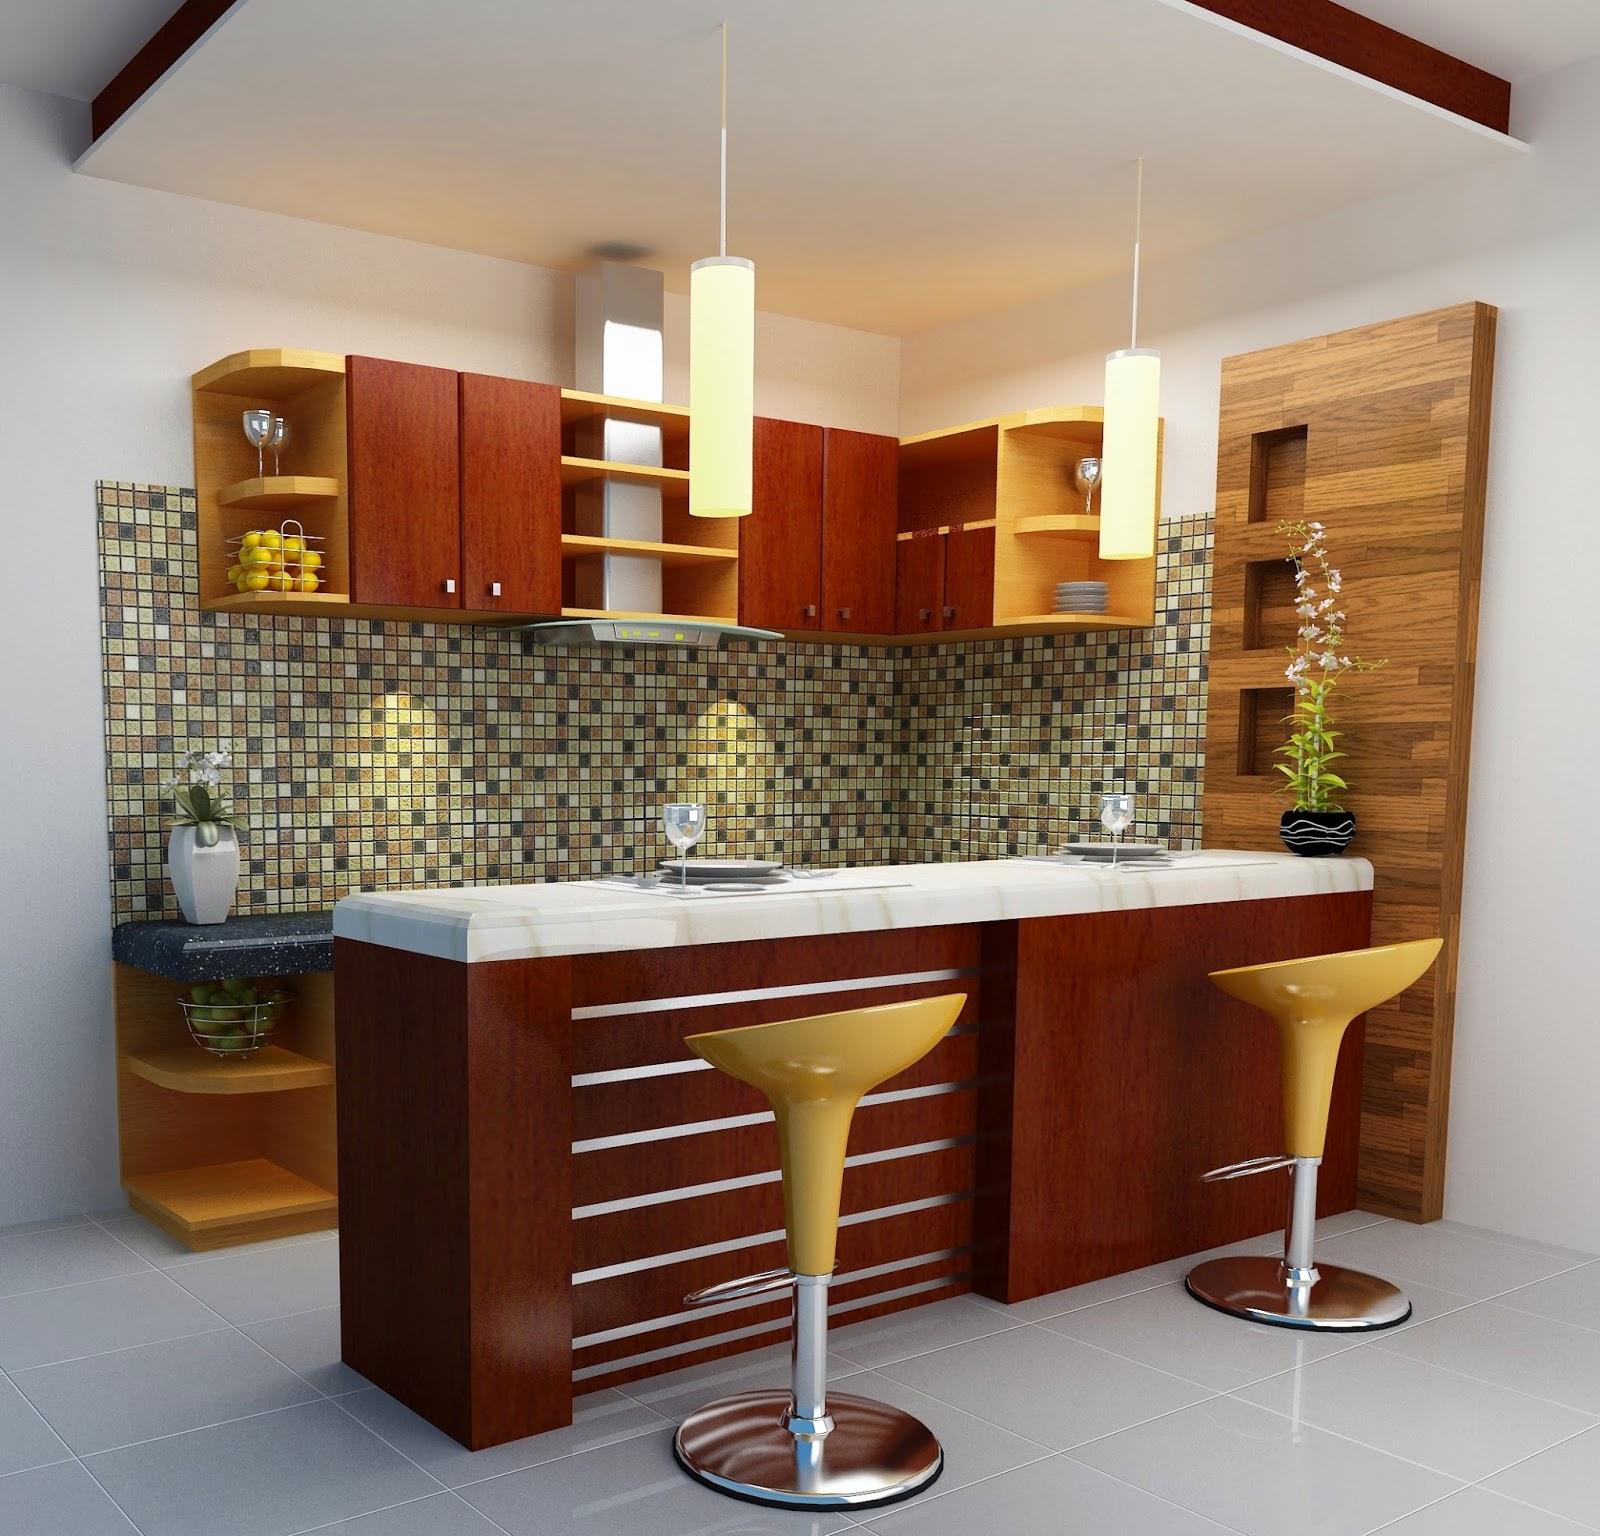 Desain Meja Bar Di Dapur